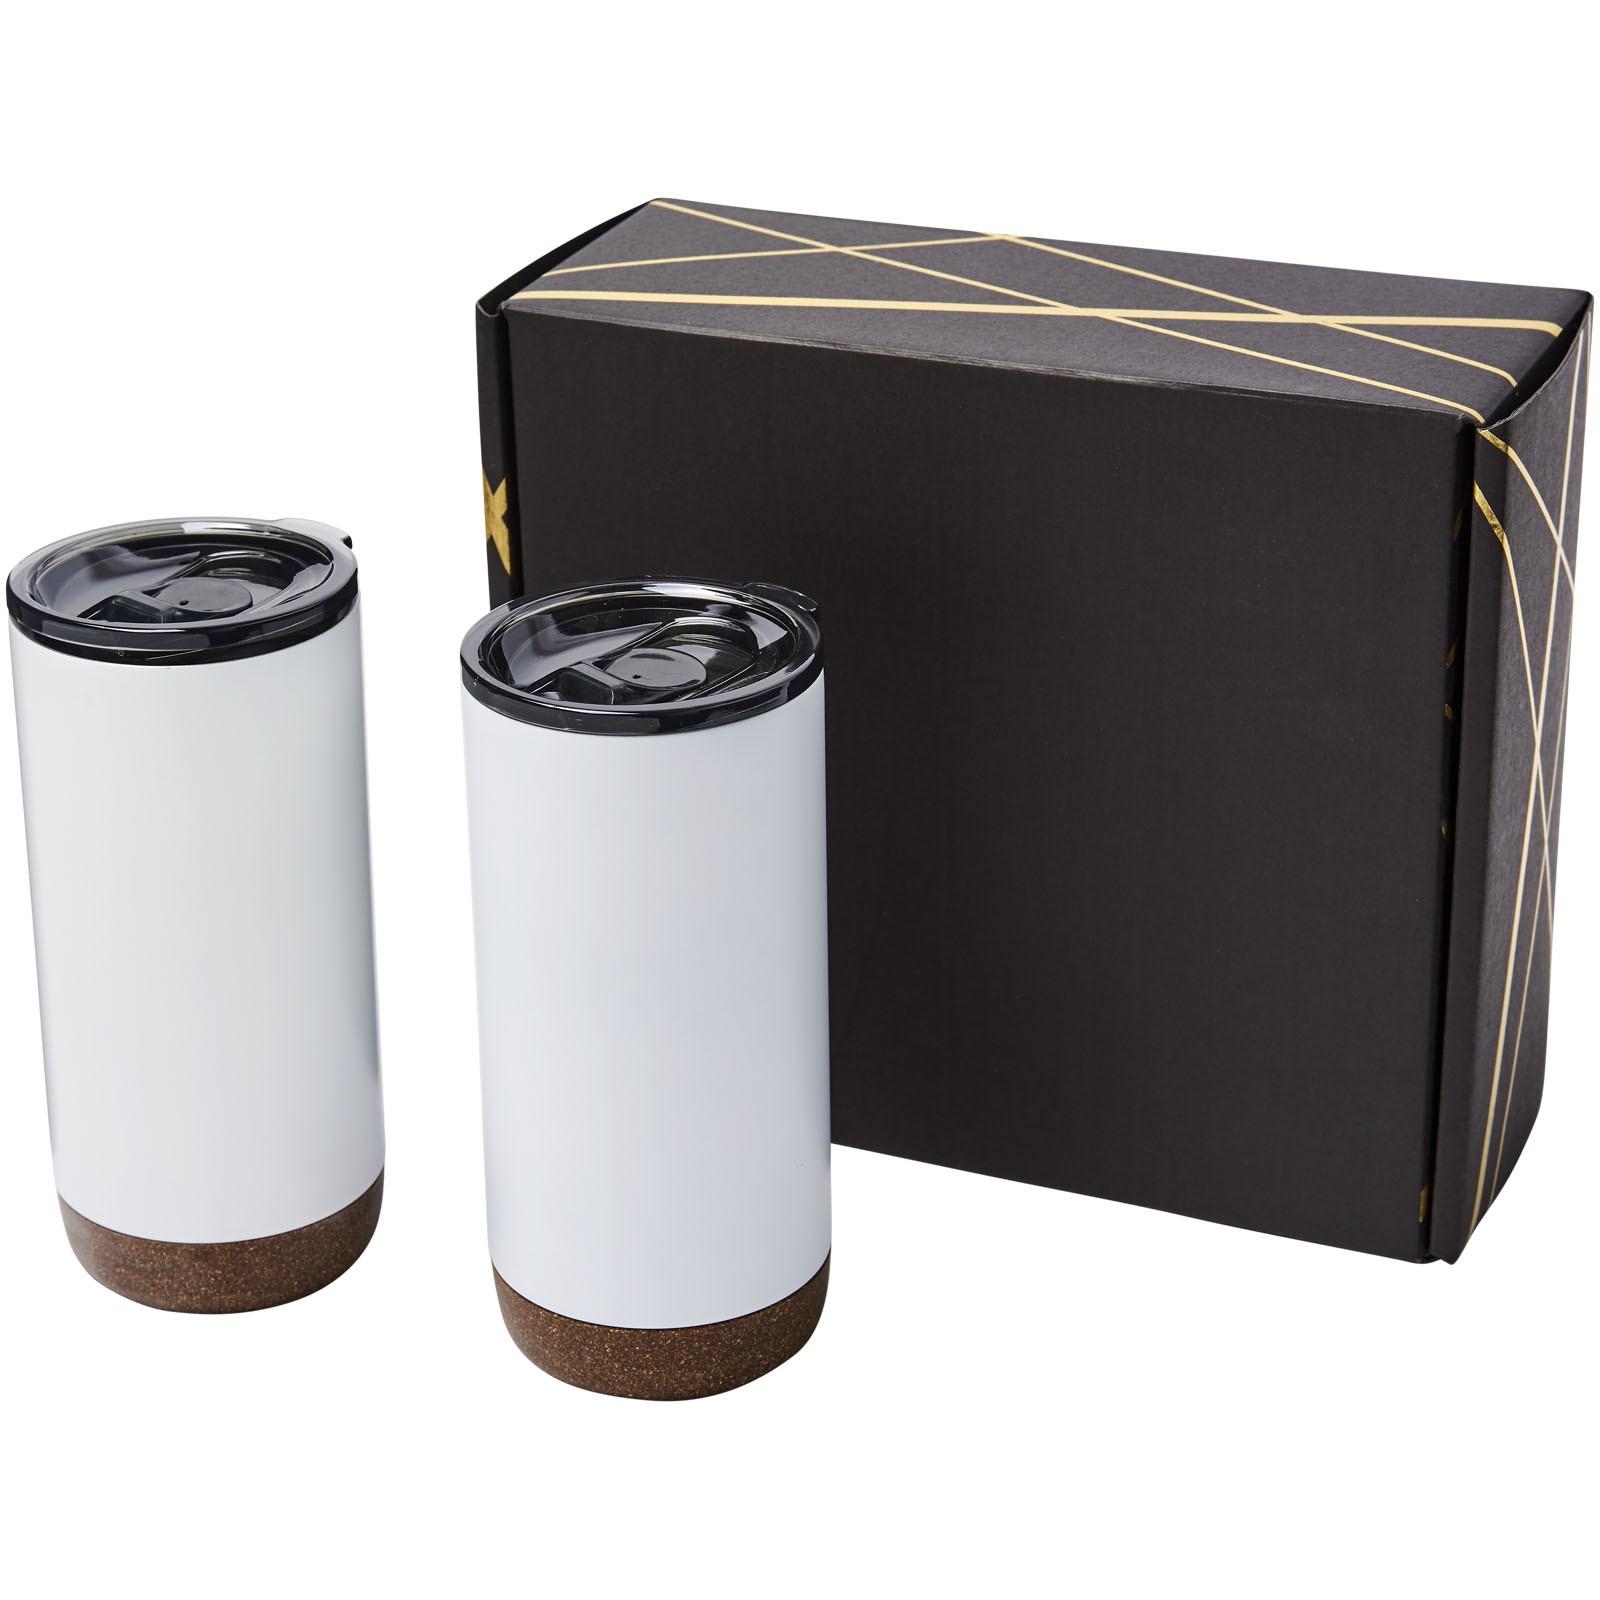 Valhalla vakuumisoliertes Kupfer-Geschenkset - Weiss